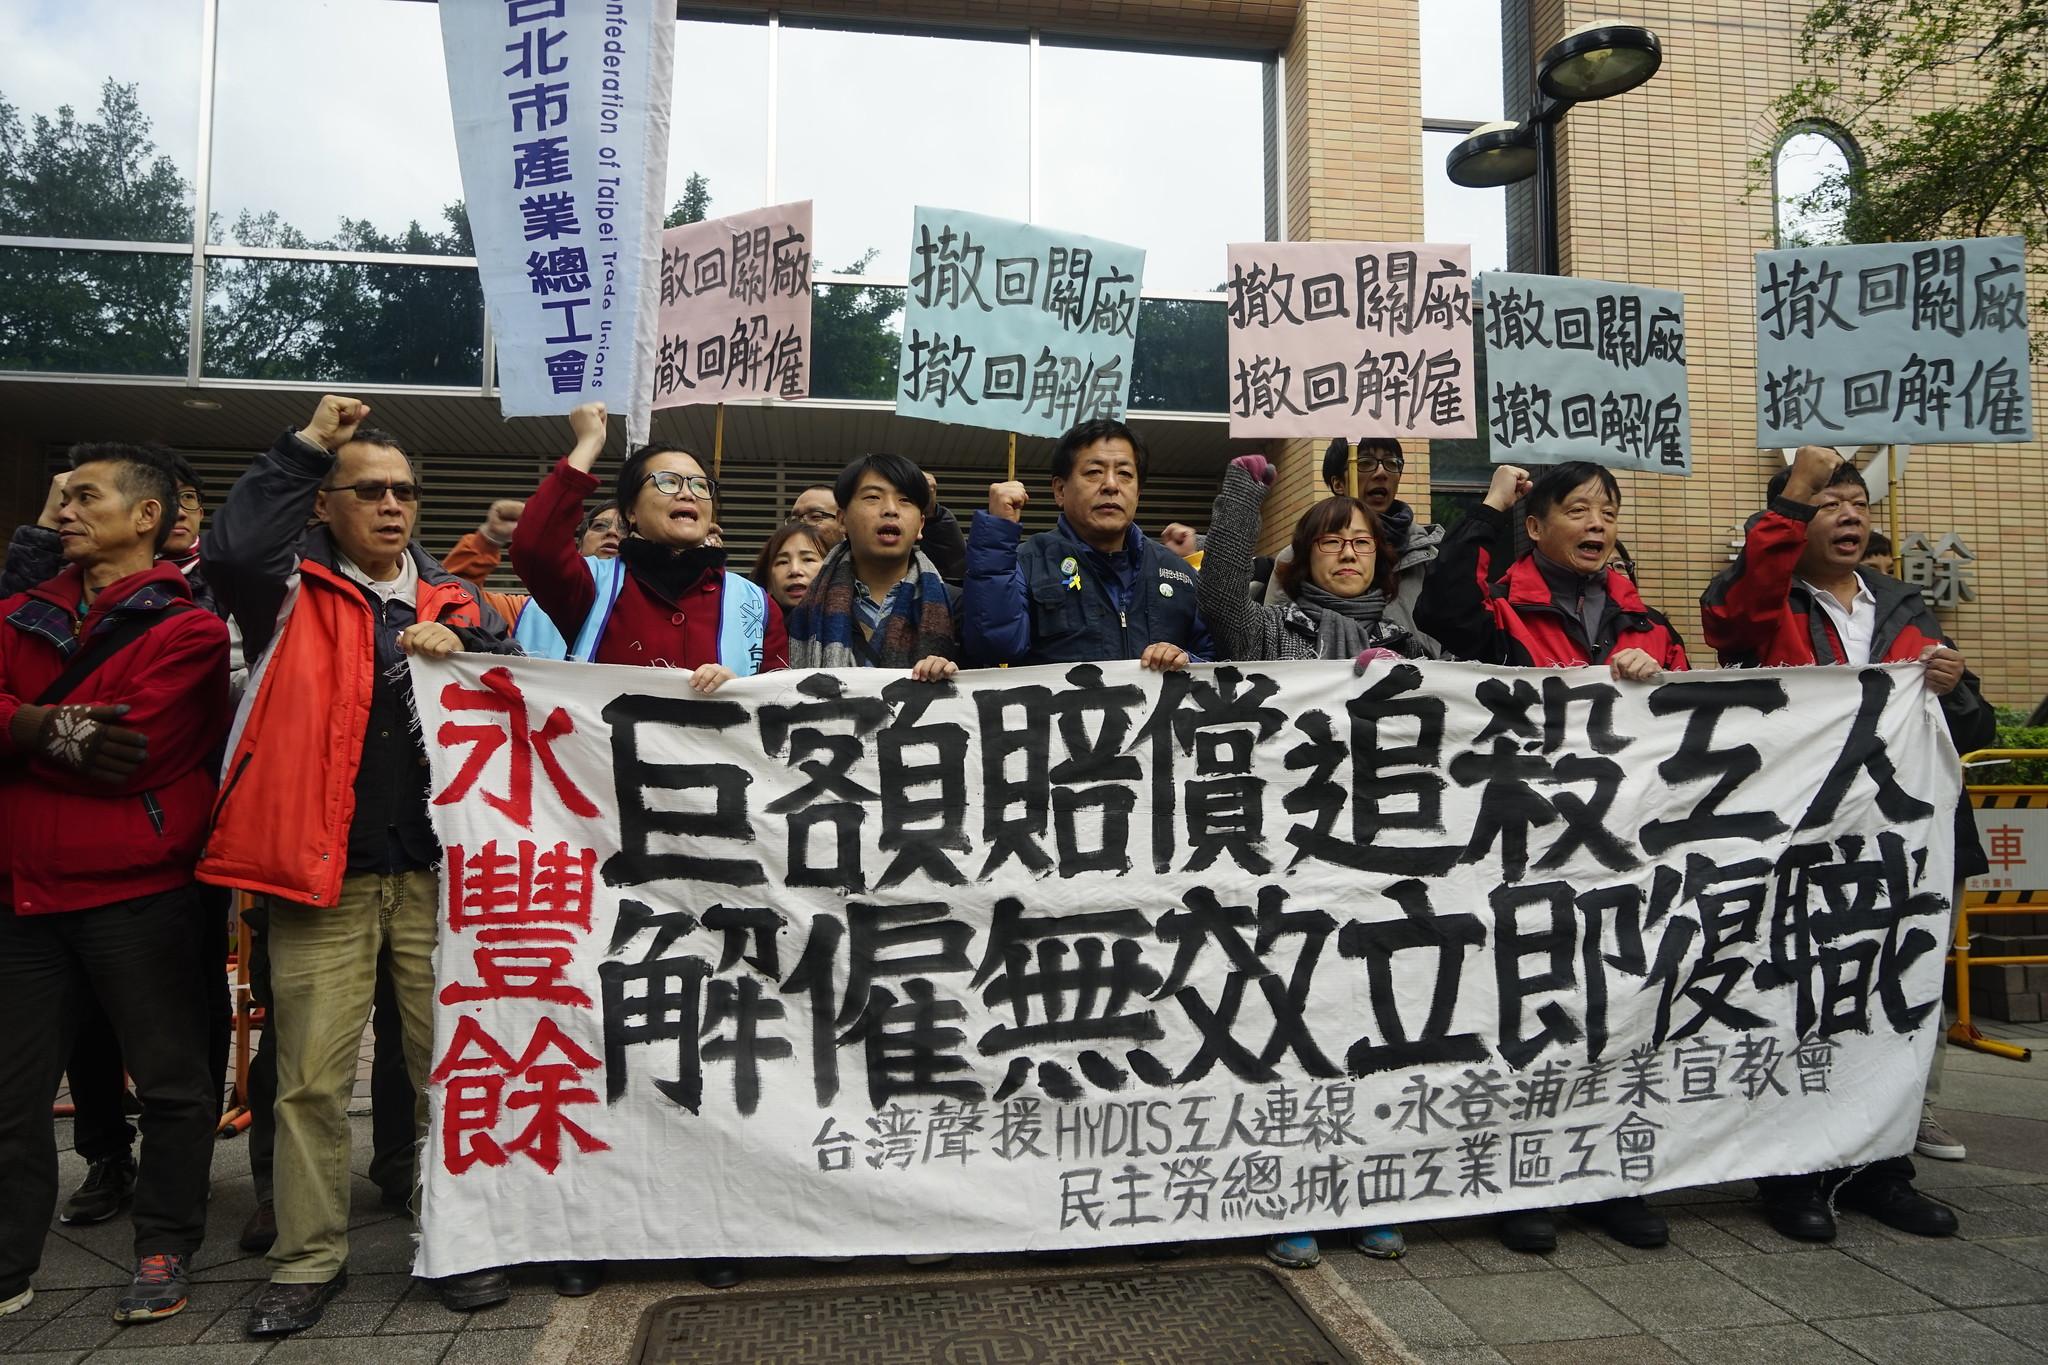 Hydis工人的抗爭還沒有結束,今晨與台灣聲援者聚集在永豐餘總部門前,呼籲資方「撤回解僱」。(攝影:張宗坤)